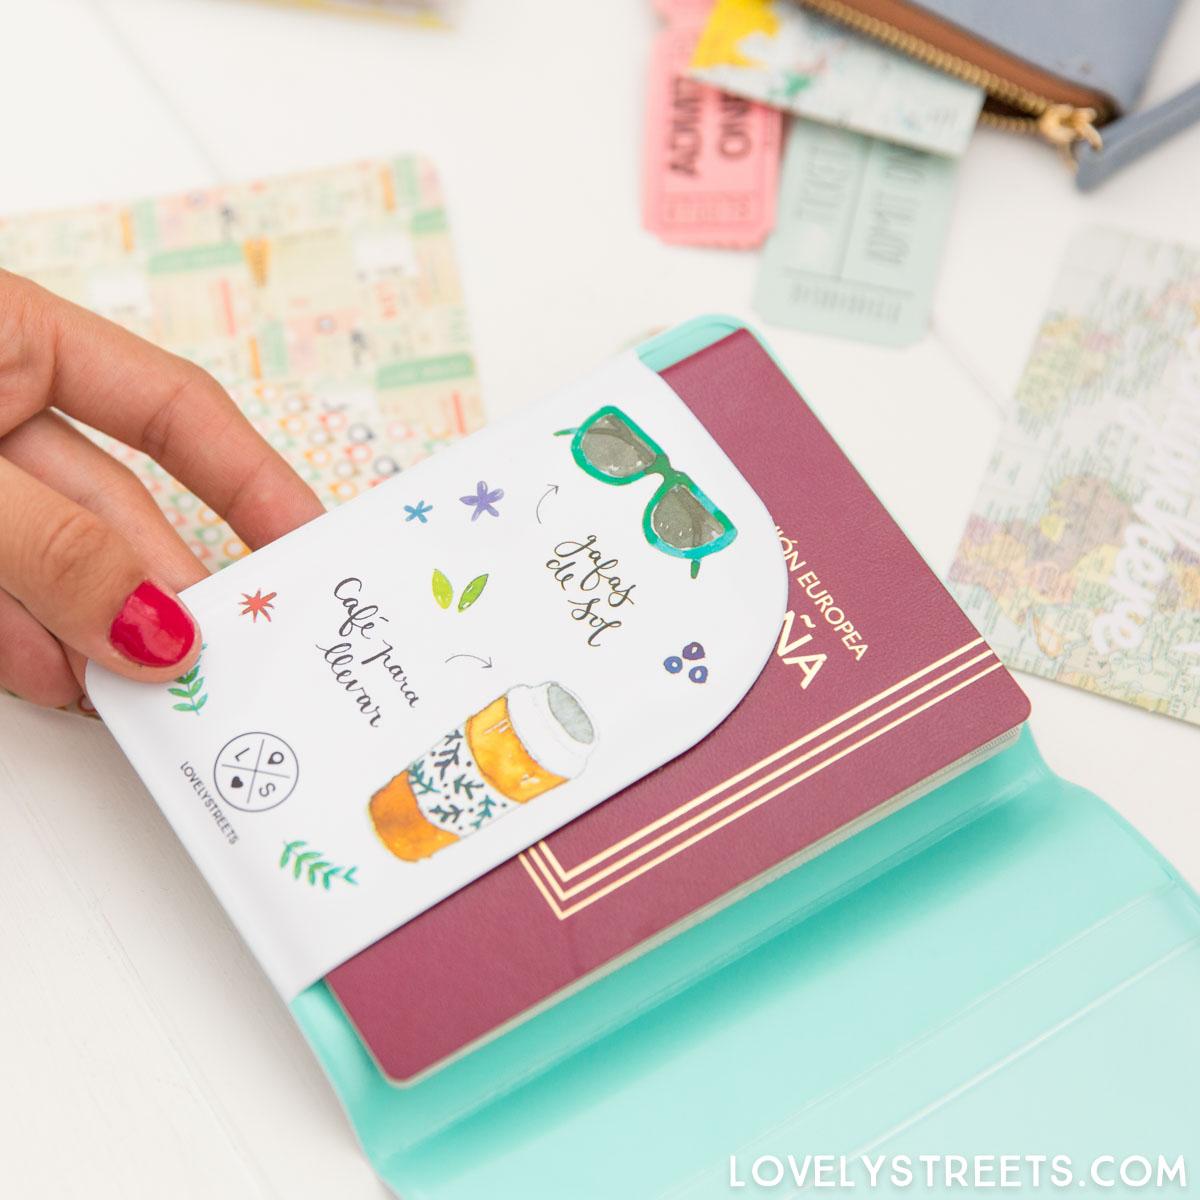 LOVELYSTREETS_8435439301428_funda-pasaporte_voy-a-vivir-un-millon-de-aventuras_CAST-12